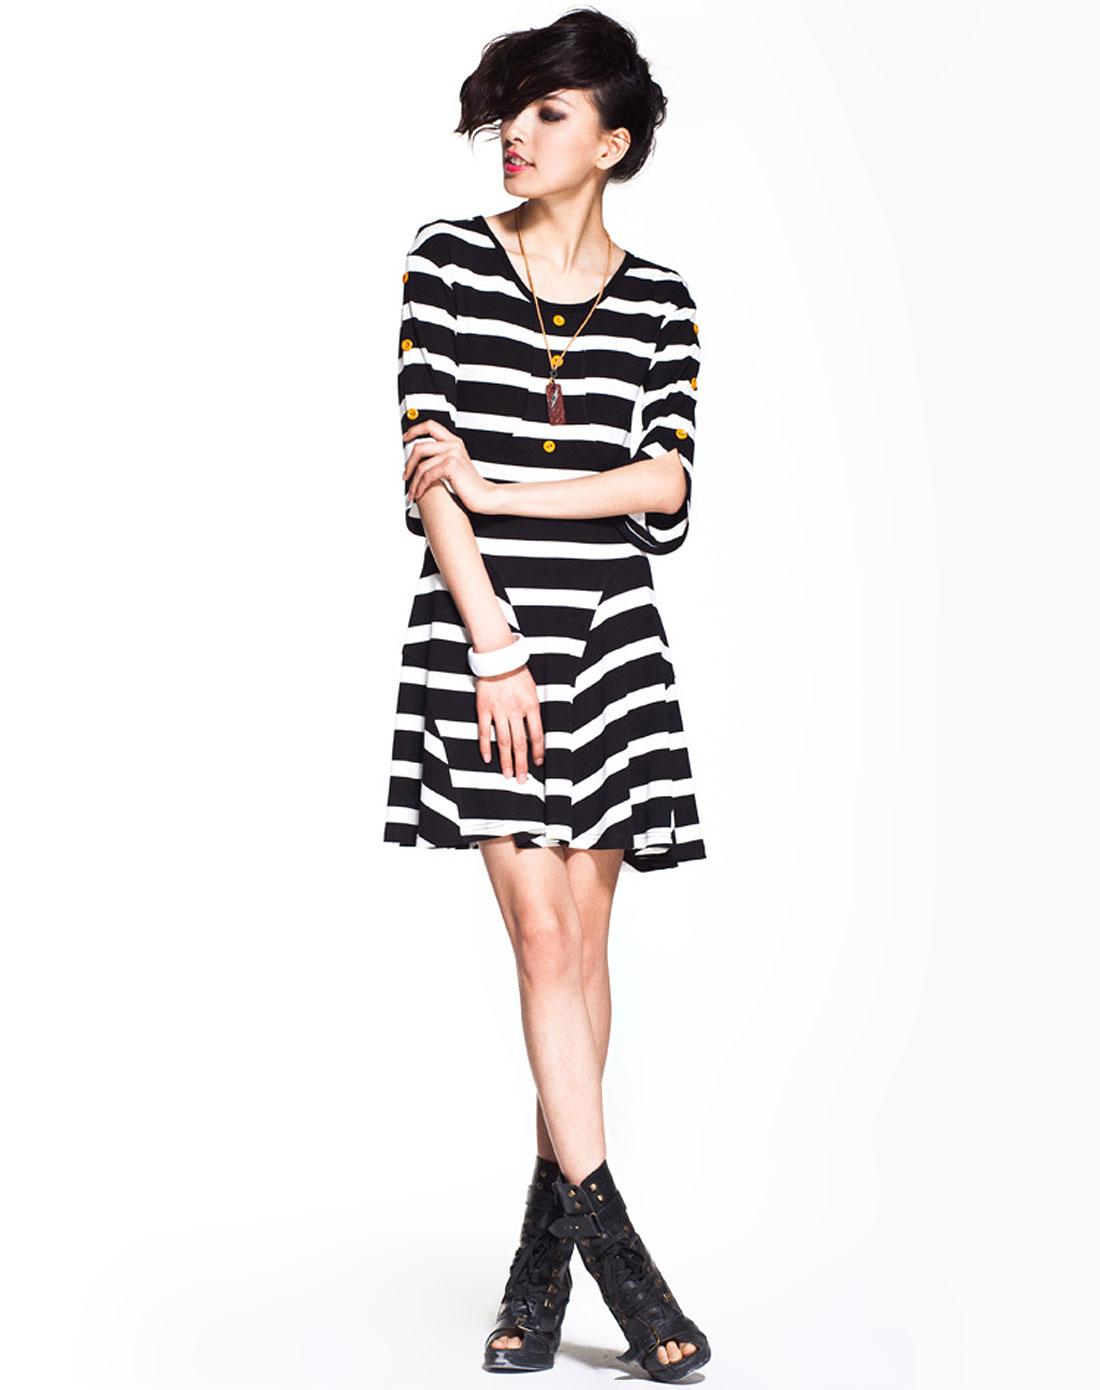 七格格othermix黑白条纹中袖连衣裙